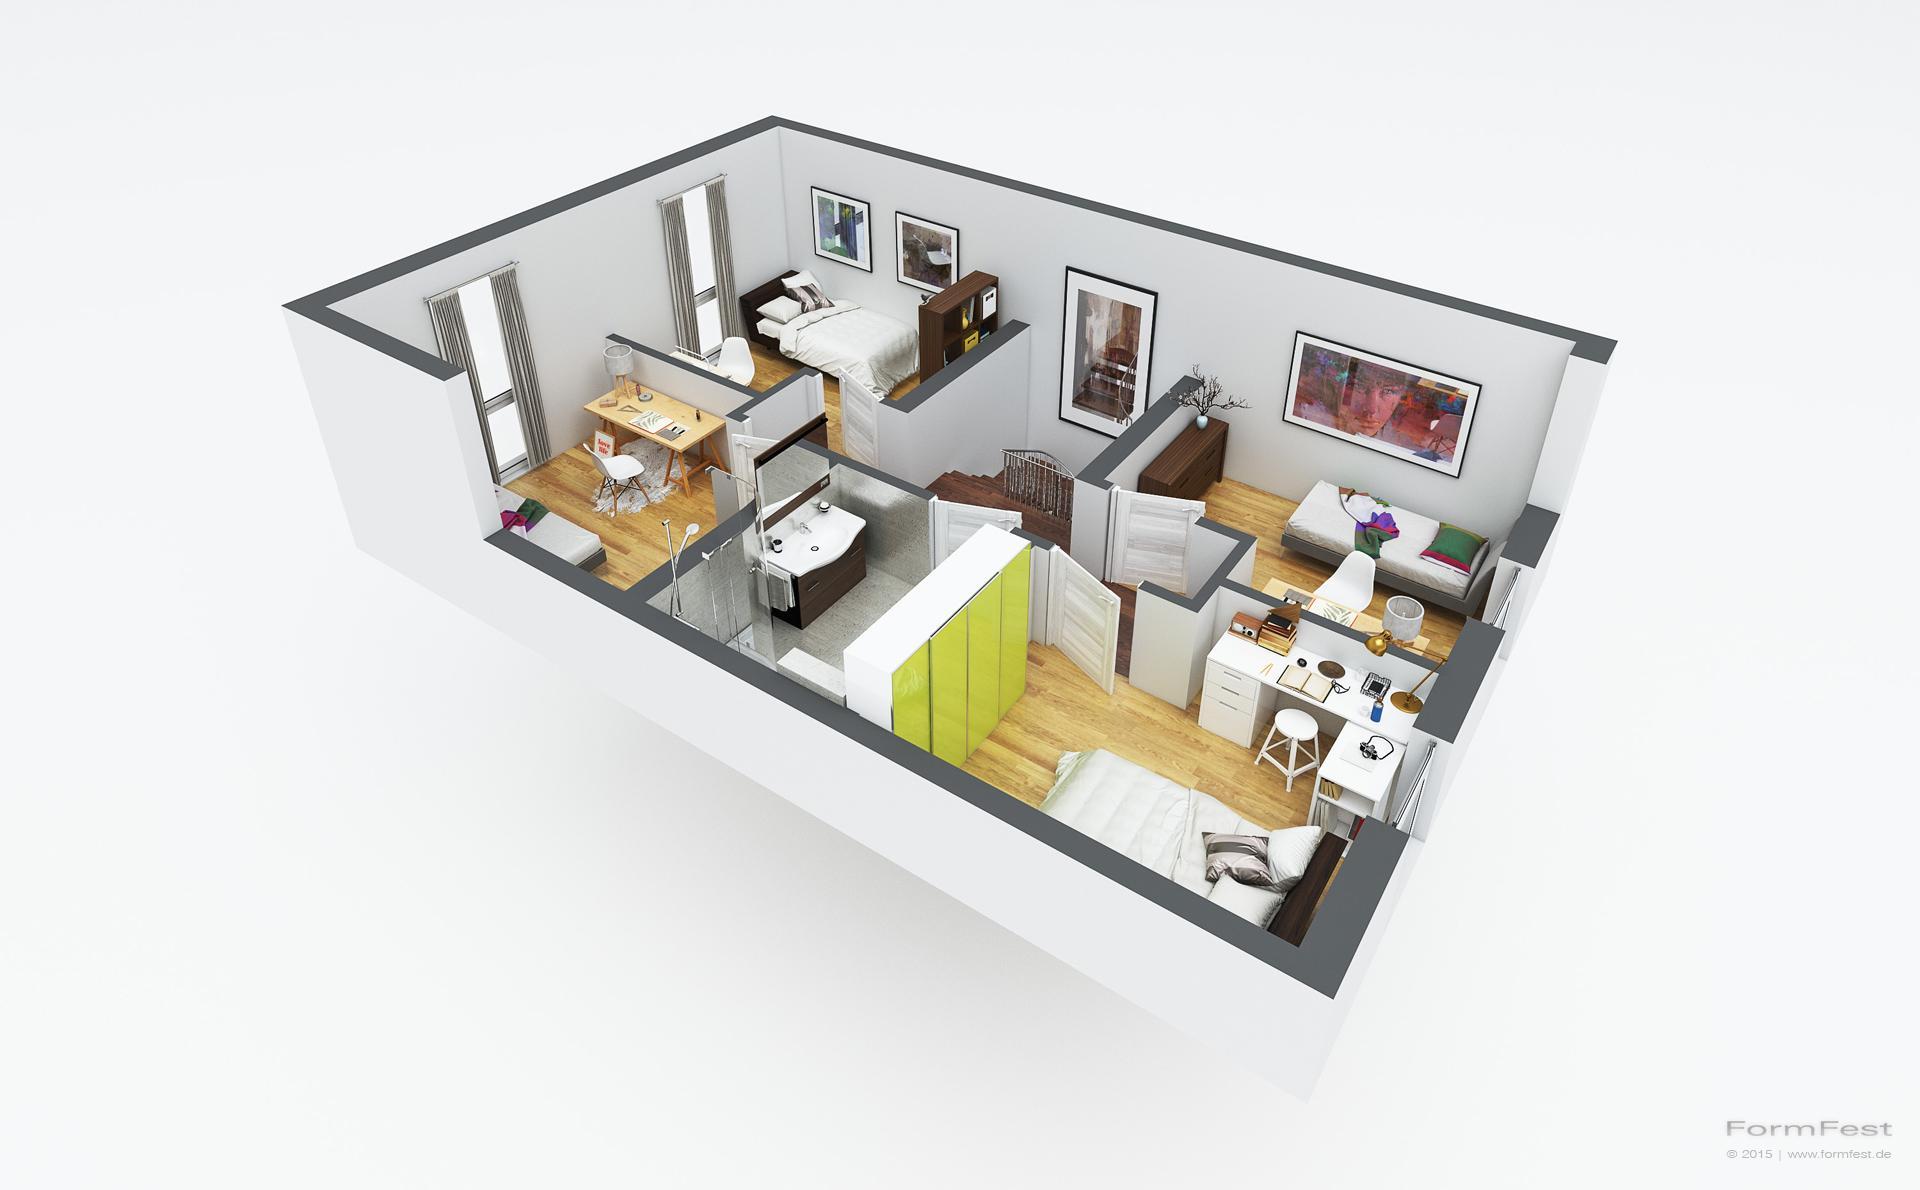 Illustrationen und visualisierungen von grundrissen in 3d neben der darstellung von perspektivischen renderings von architektur ist für den verkauf im